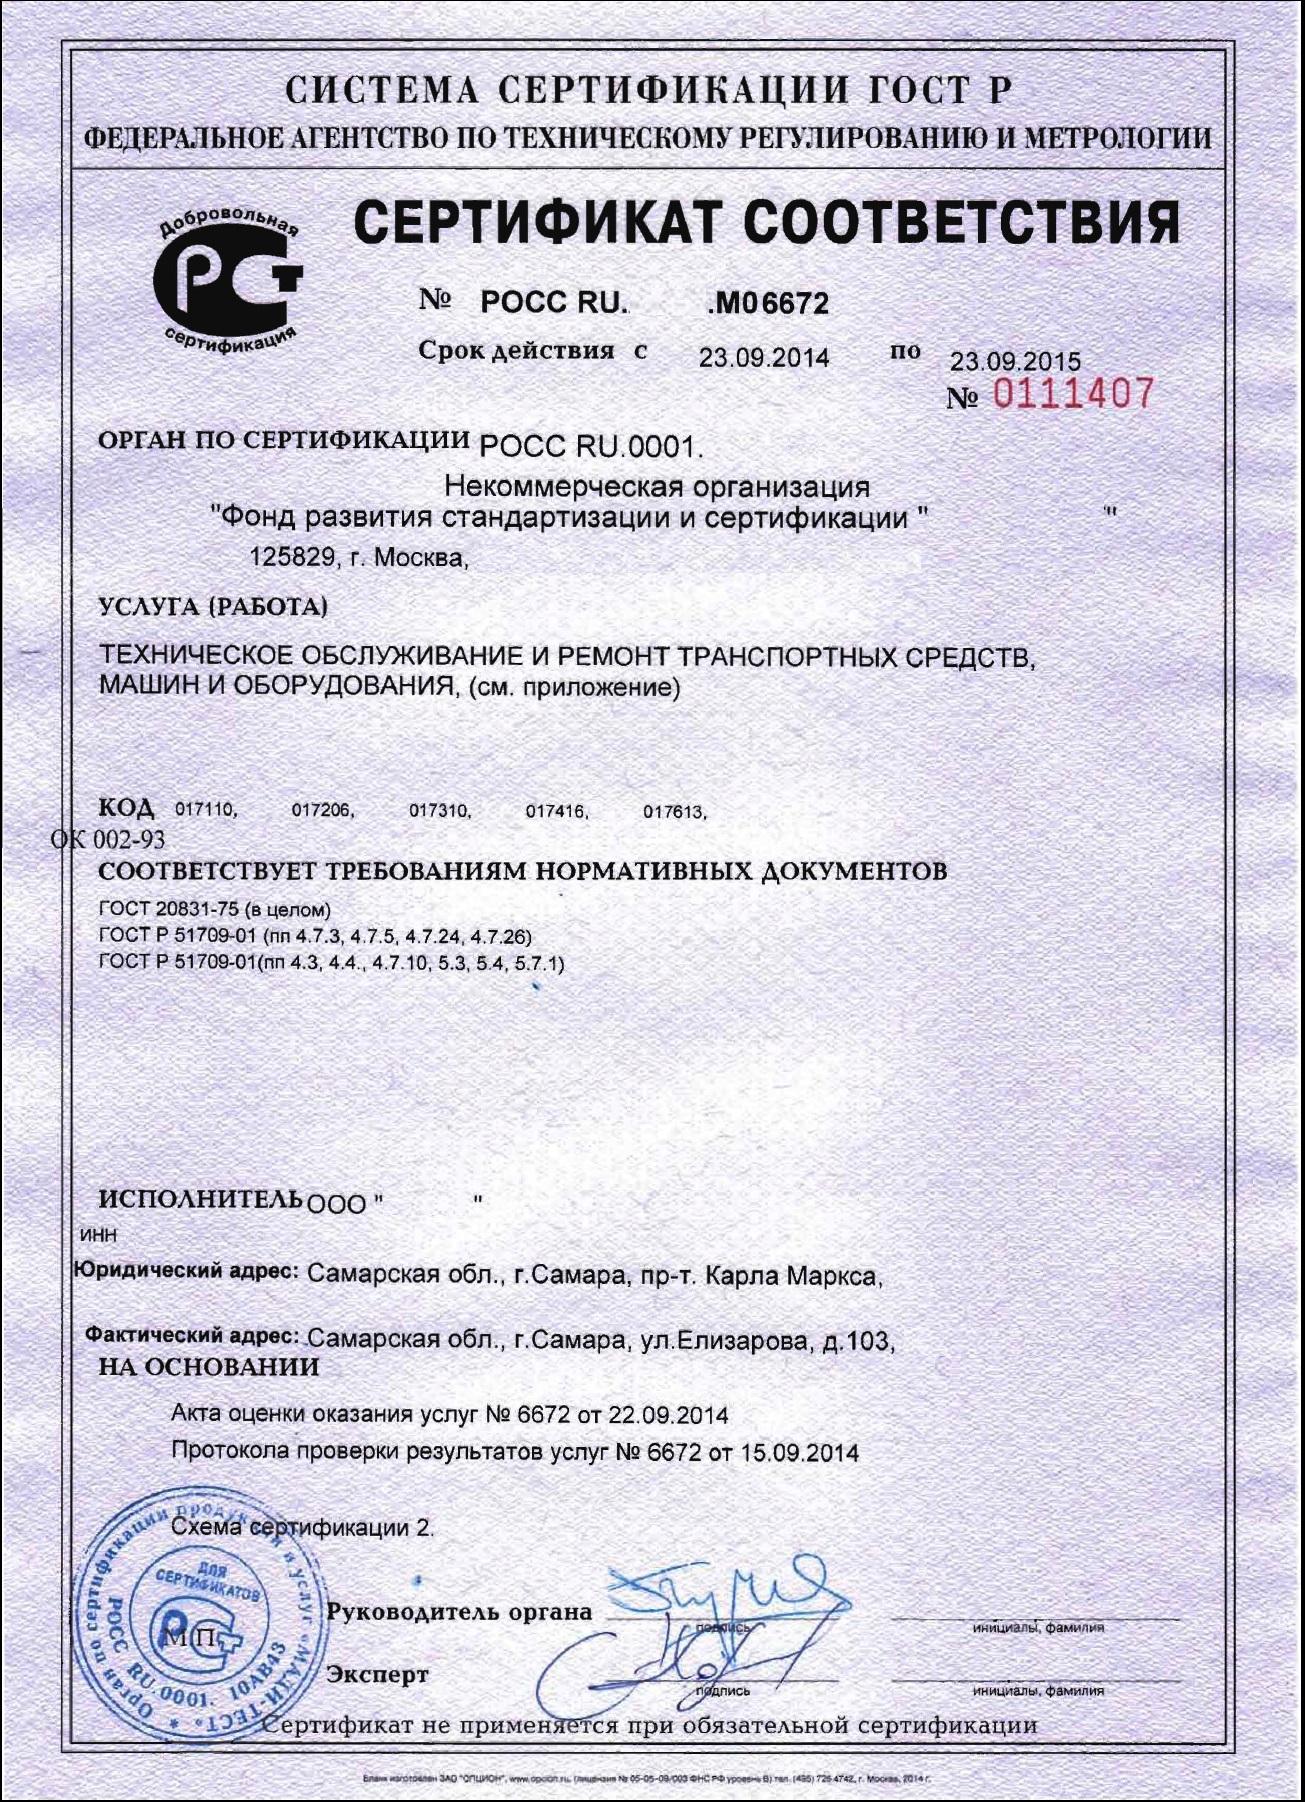 Сертификат на услуги в системе ГОСТ Р